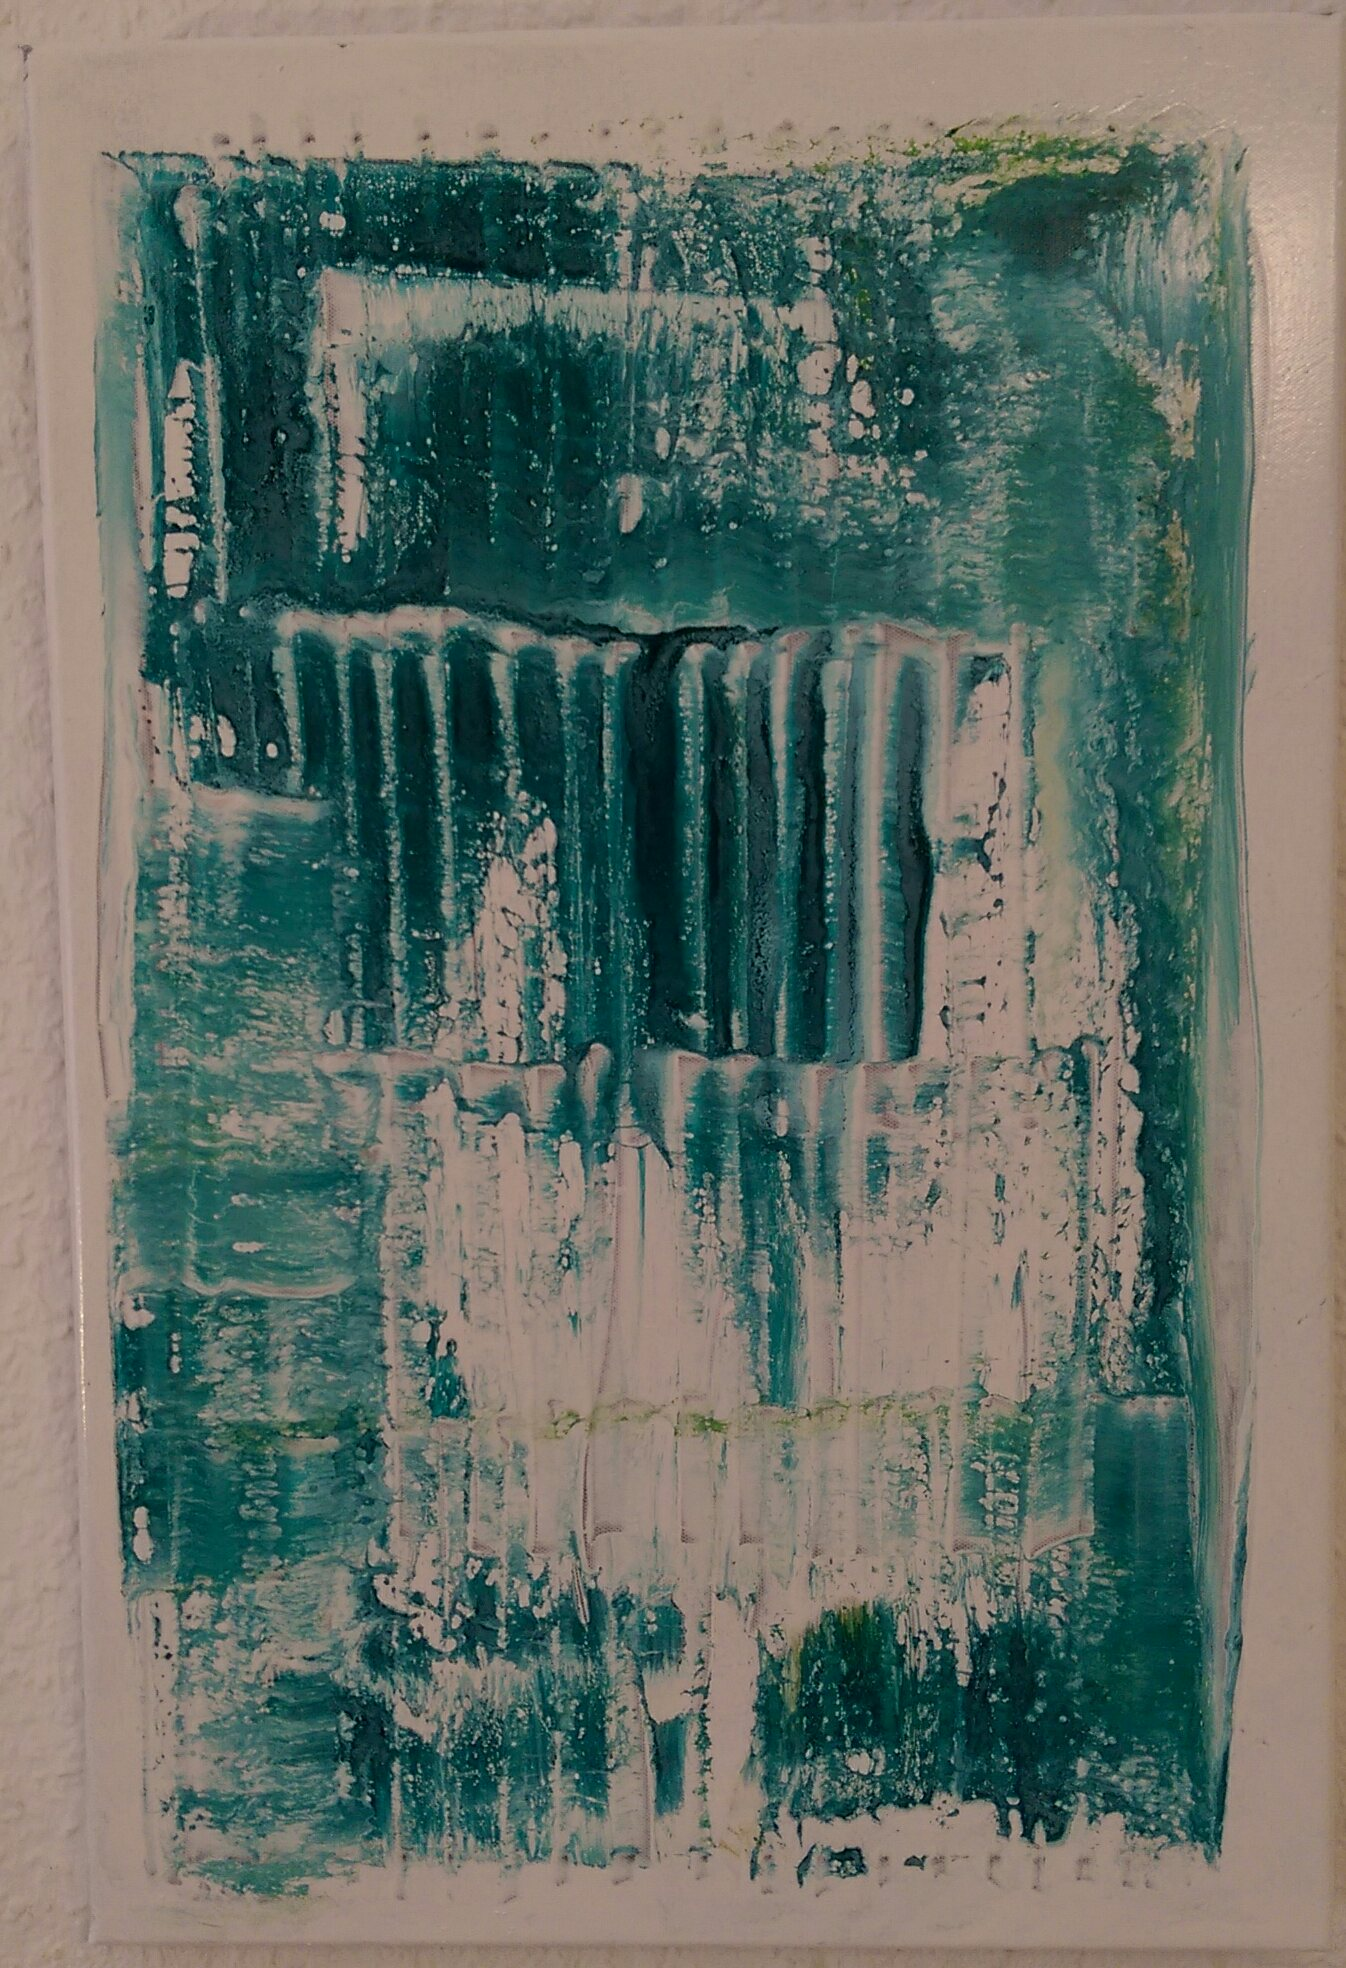 Ausstellung GREENWORLD von Aliv Franz in der Galerie an der Ruhr